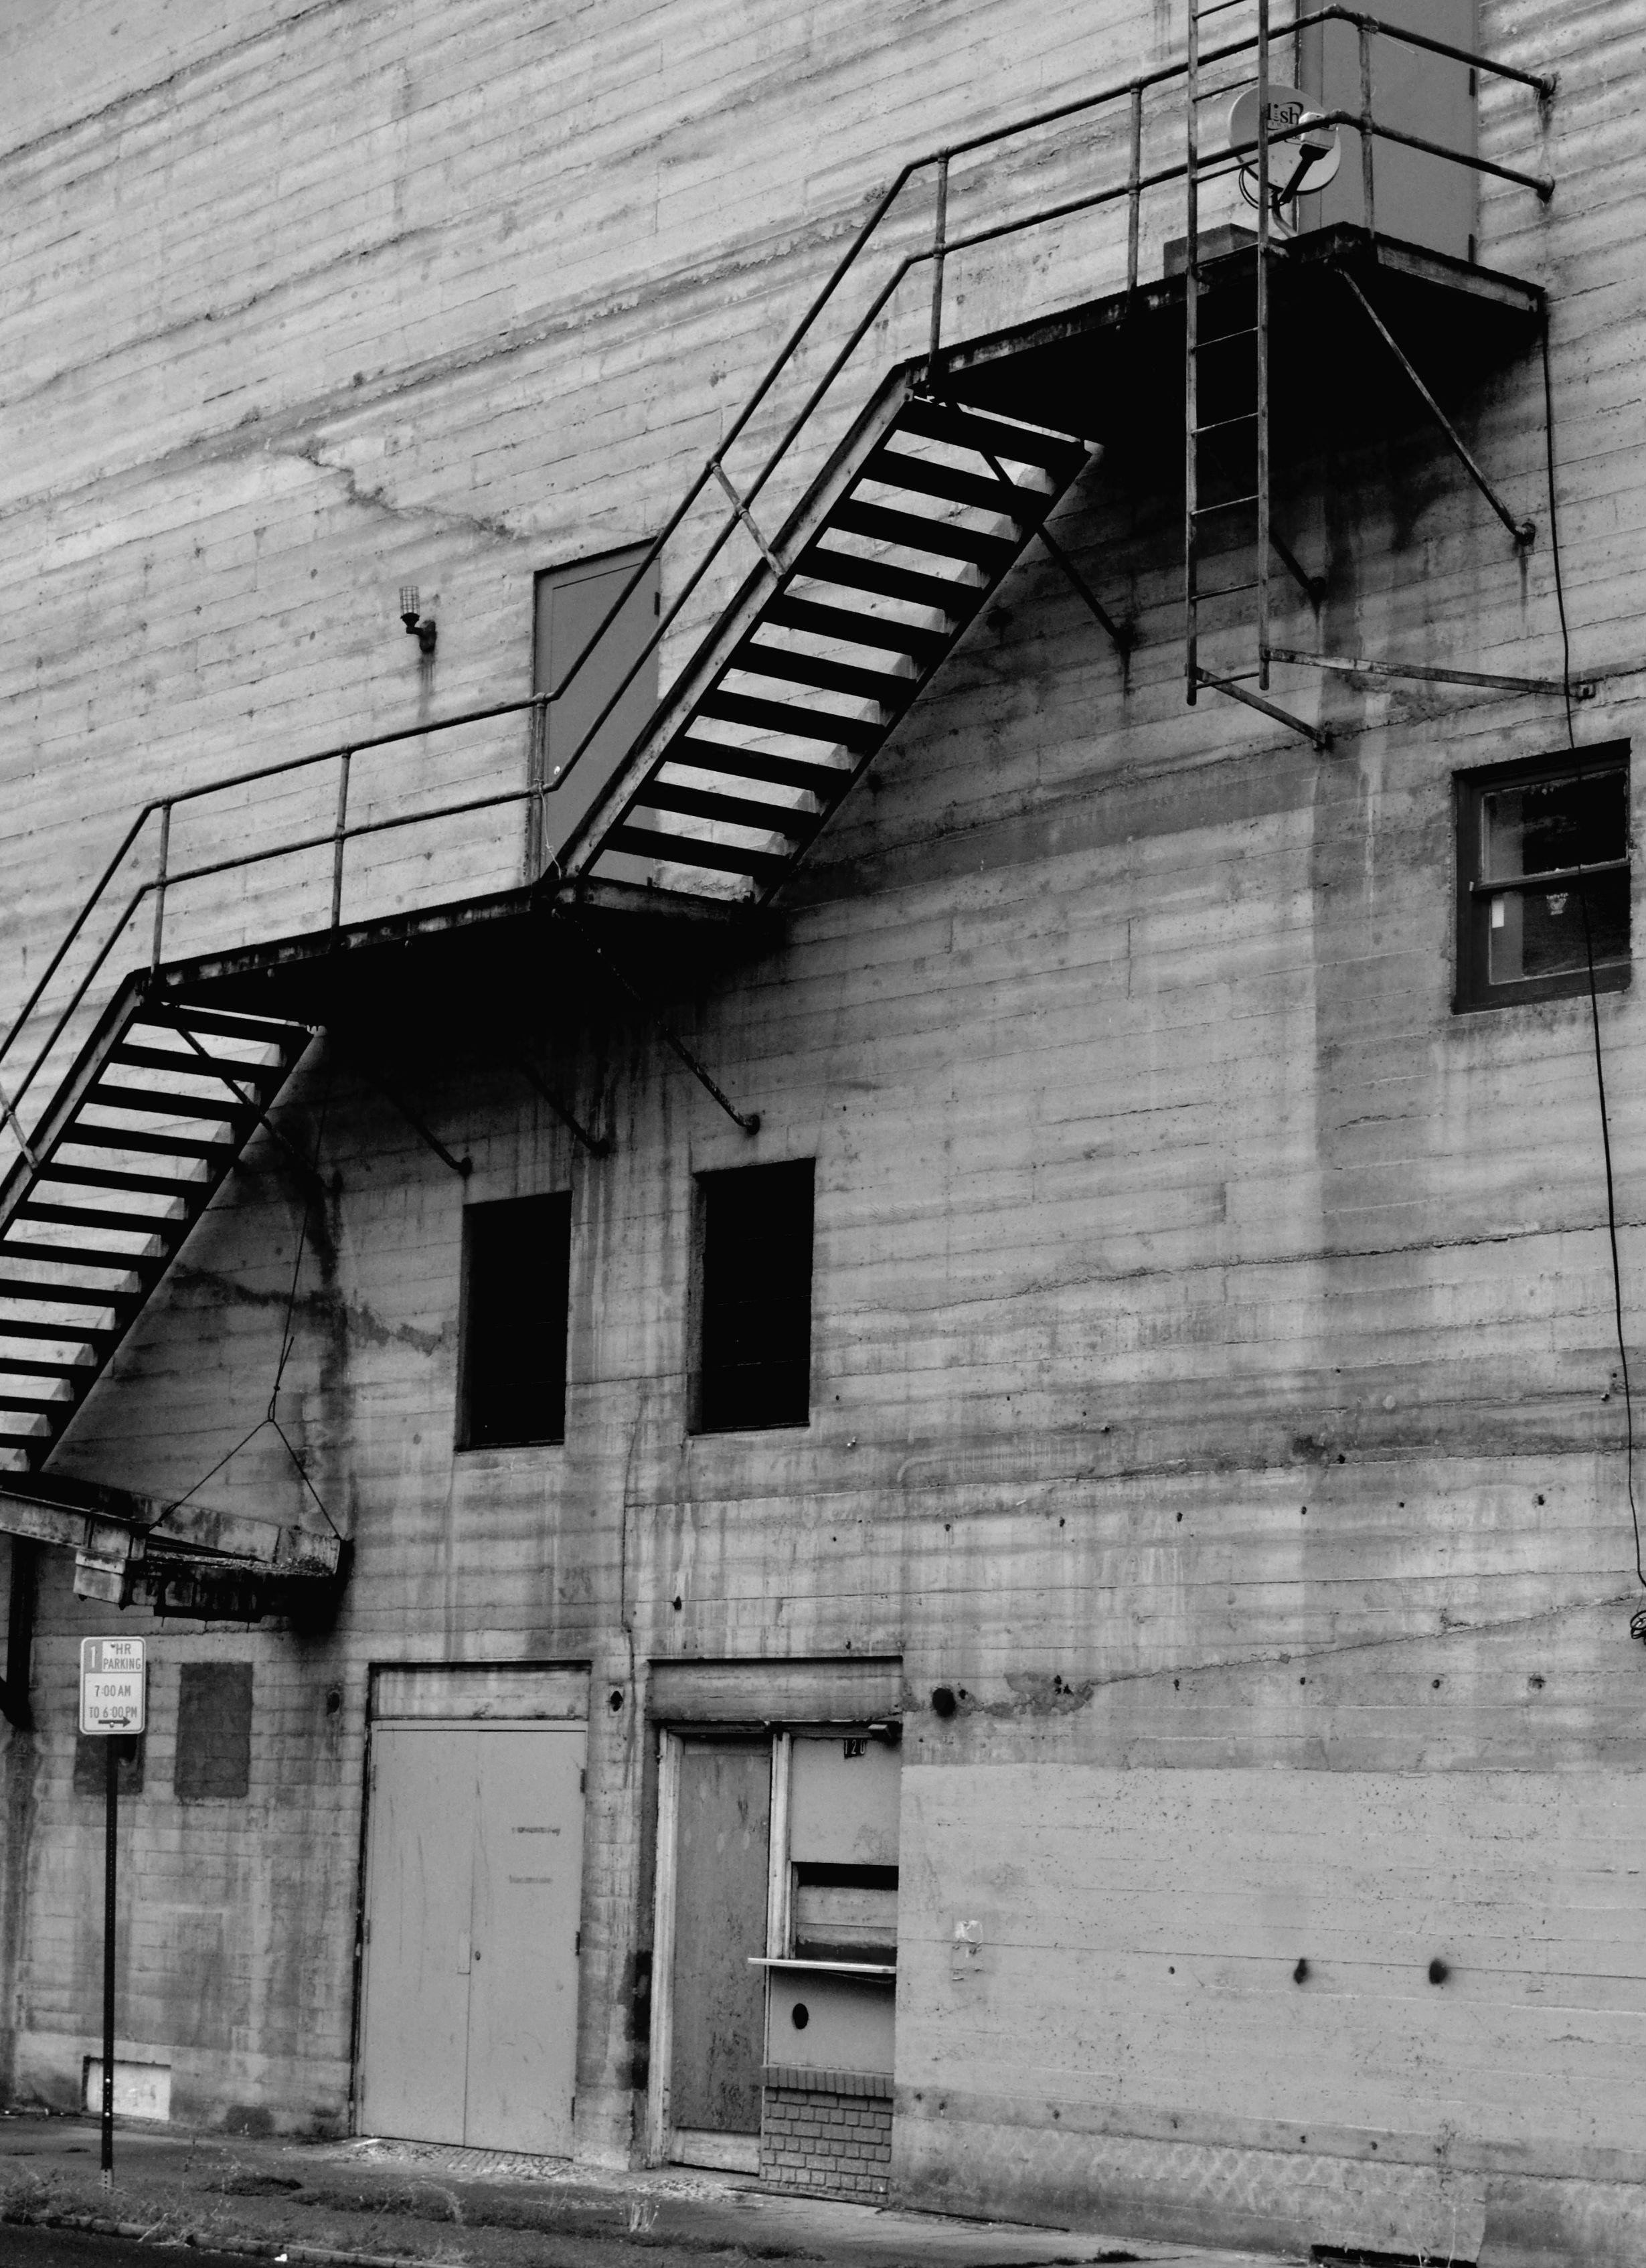 kostenlose foto schwarz und wei die architektur holz wei stra e treppe haus geb ude. Black Bedroom Furniture Sets. Home Design Ideas